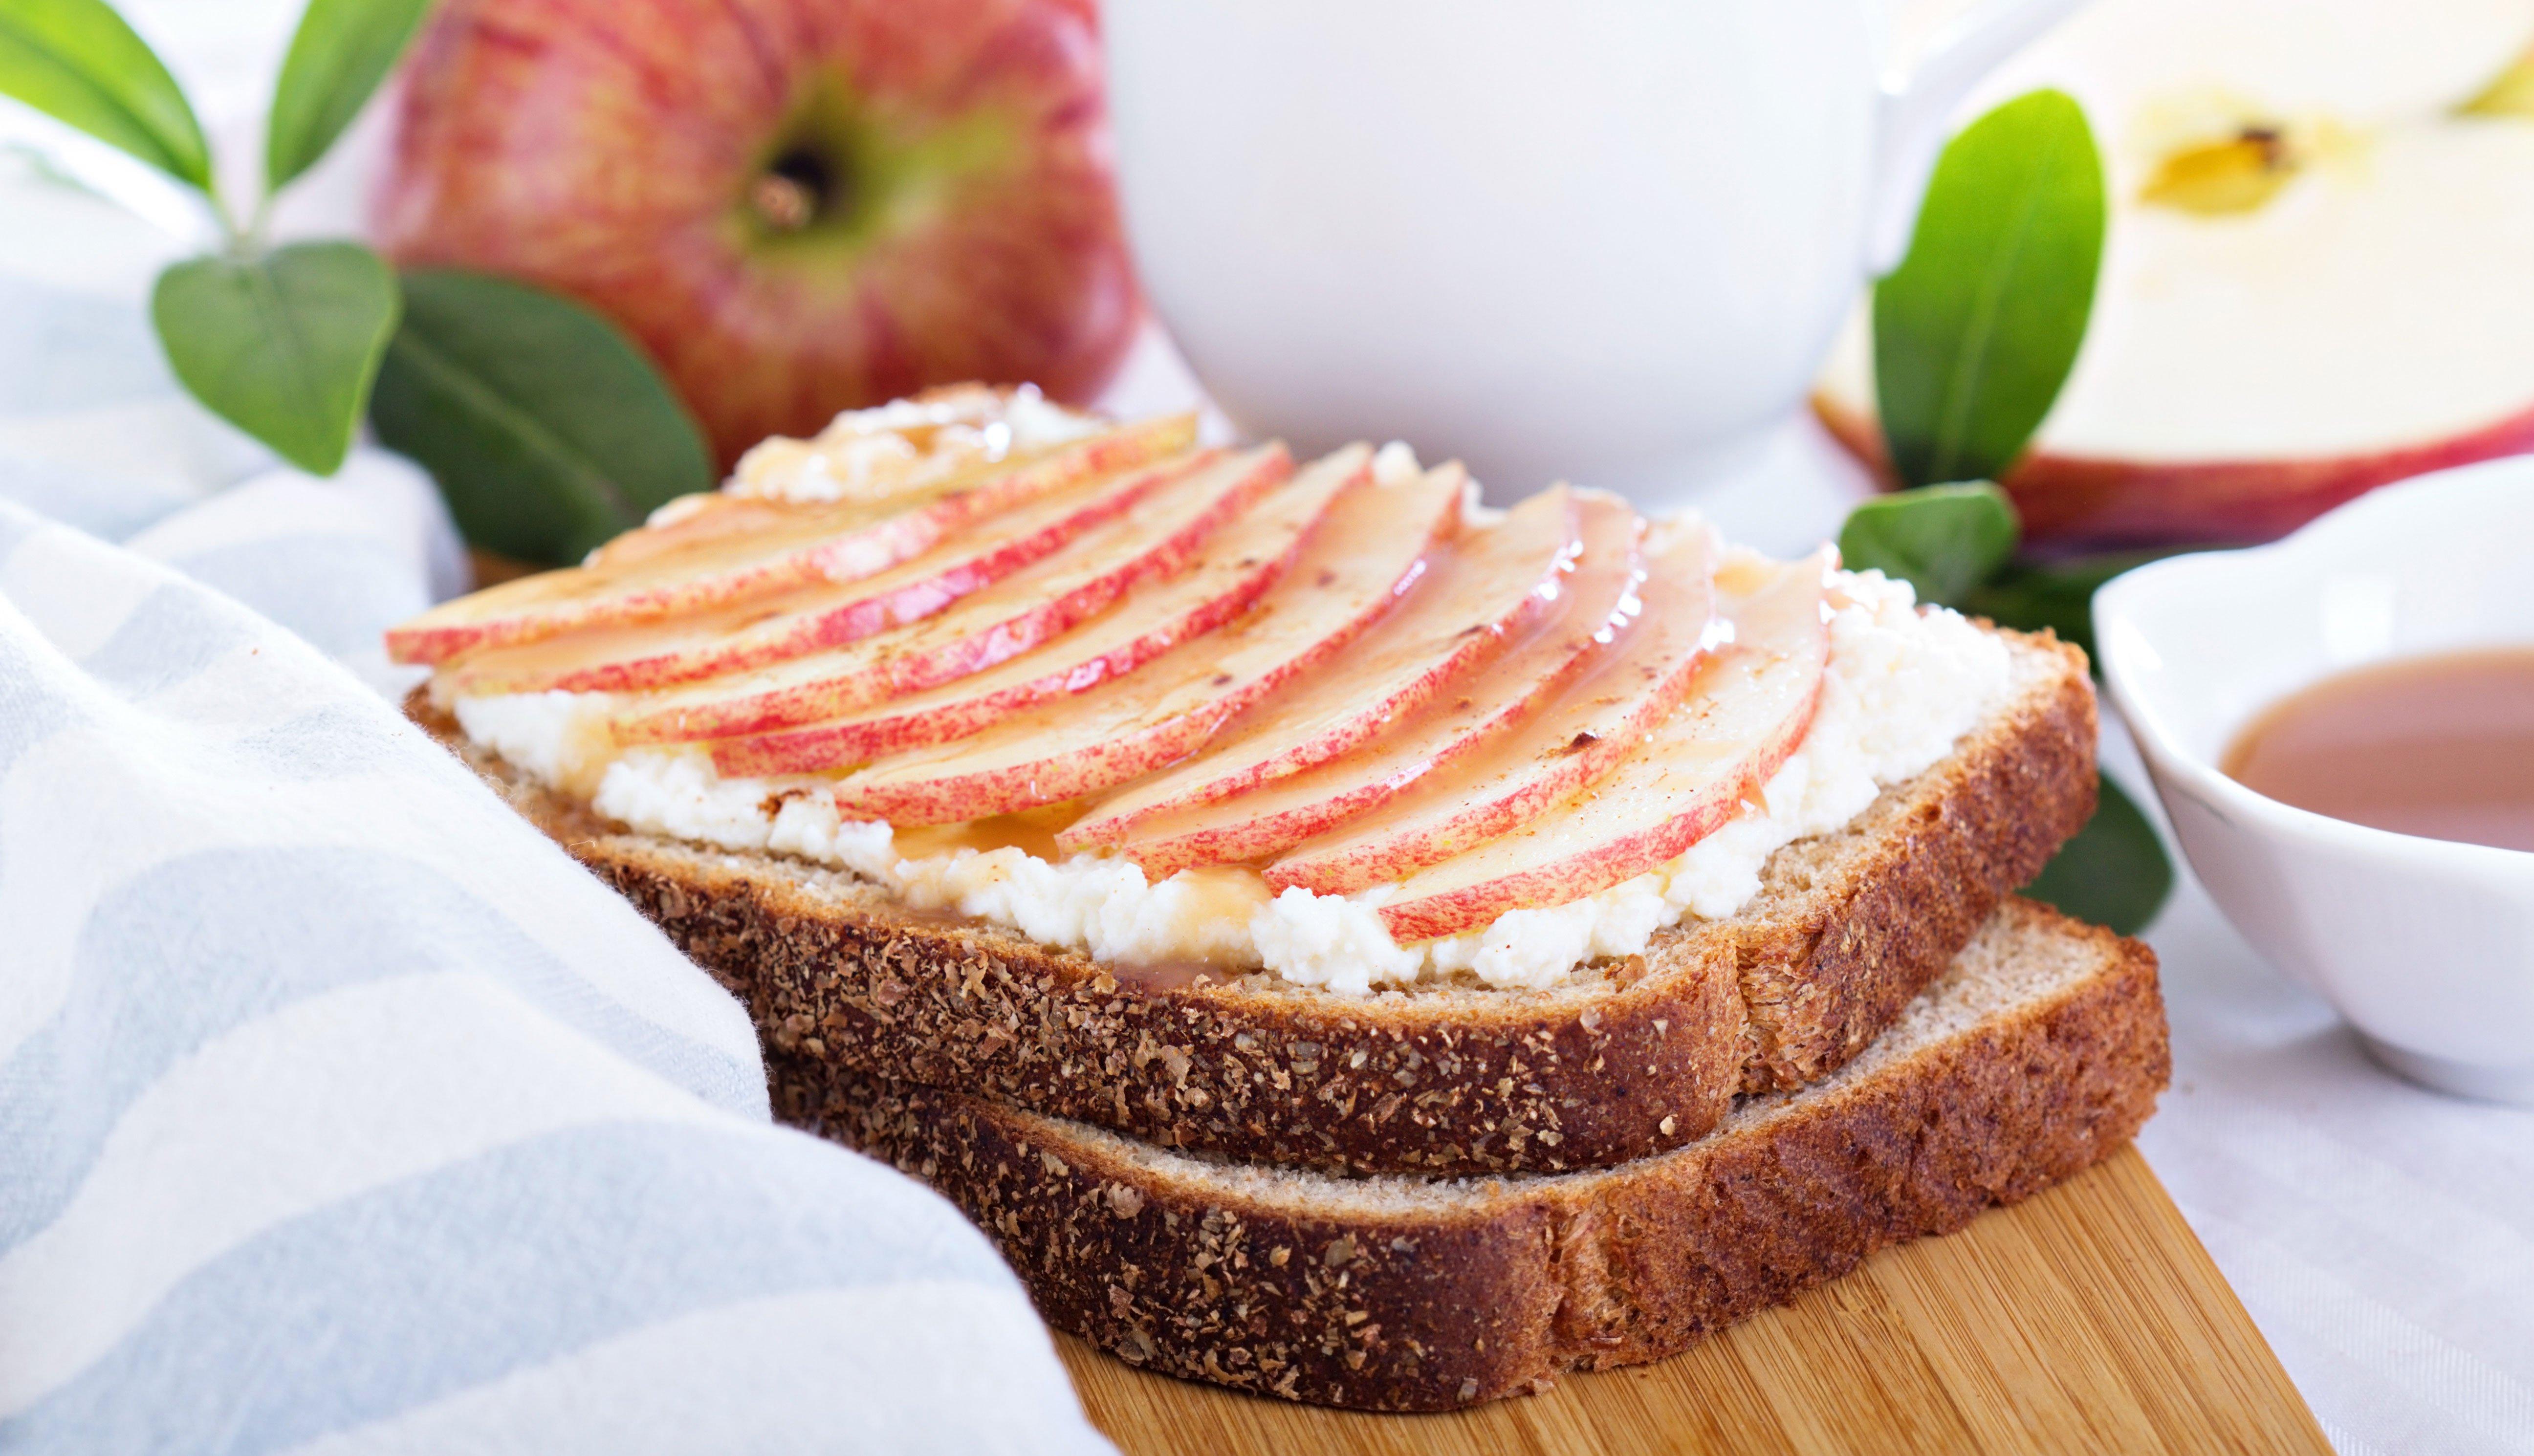 Sándwich de manzana y queso